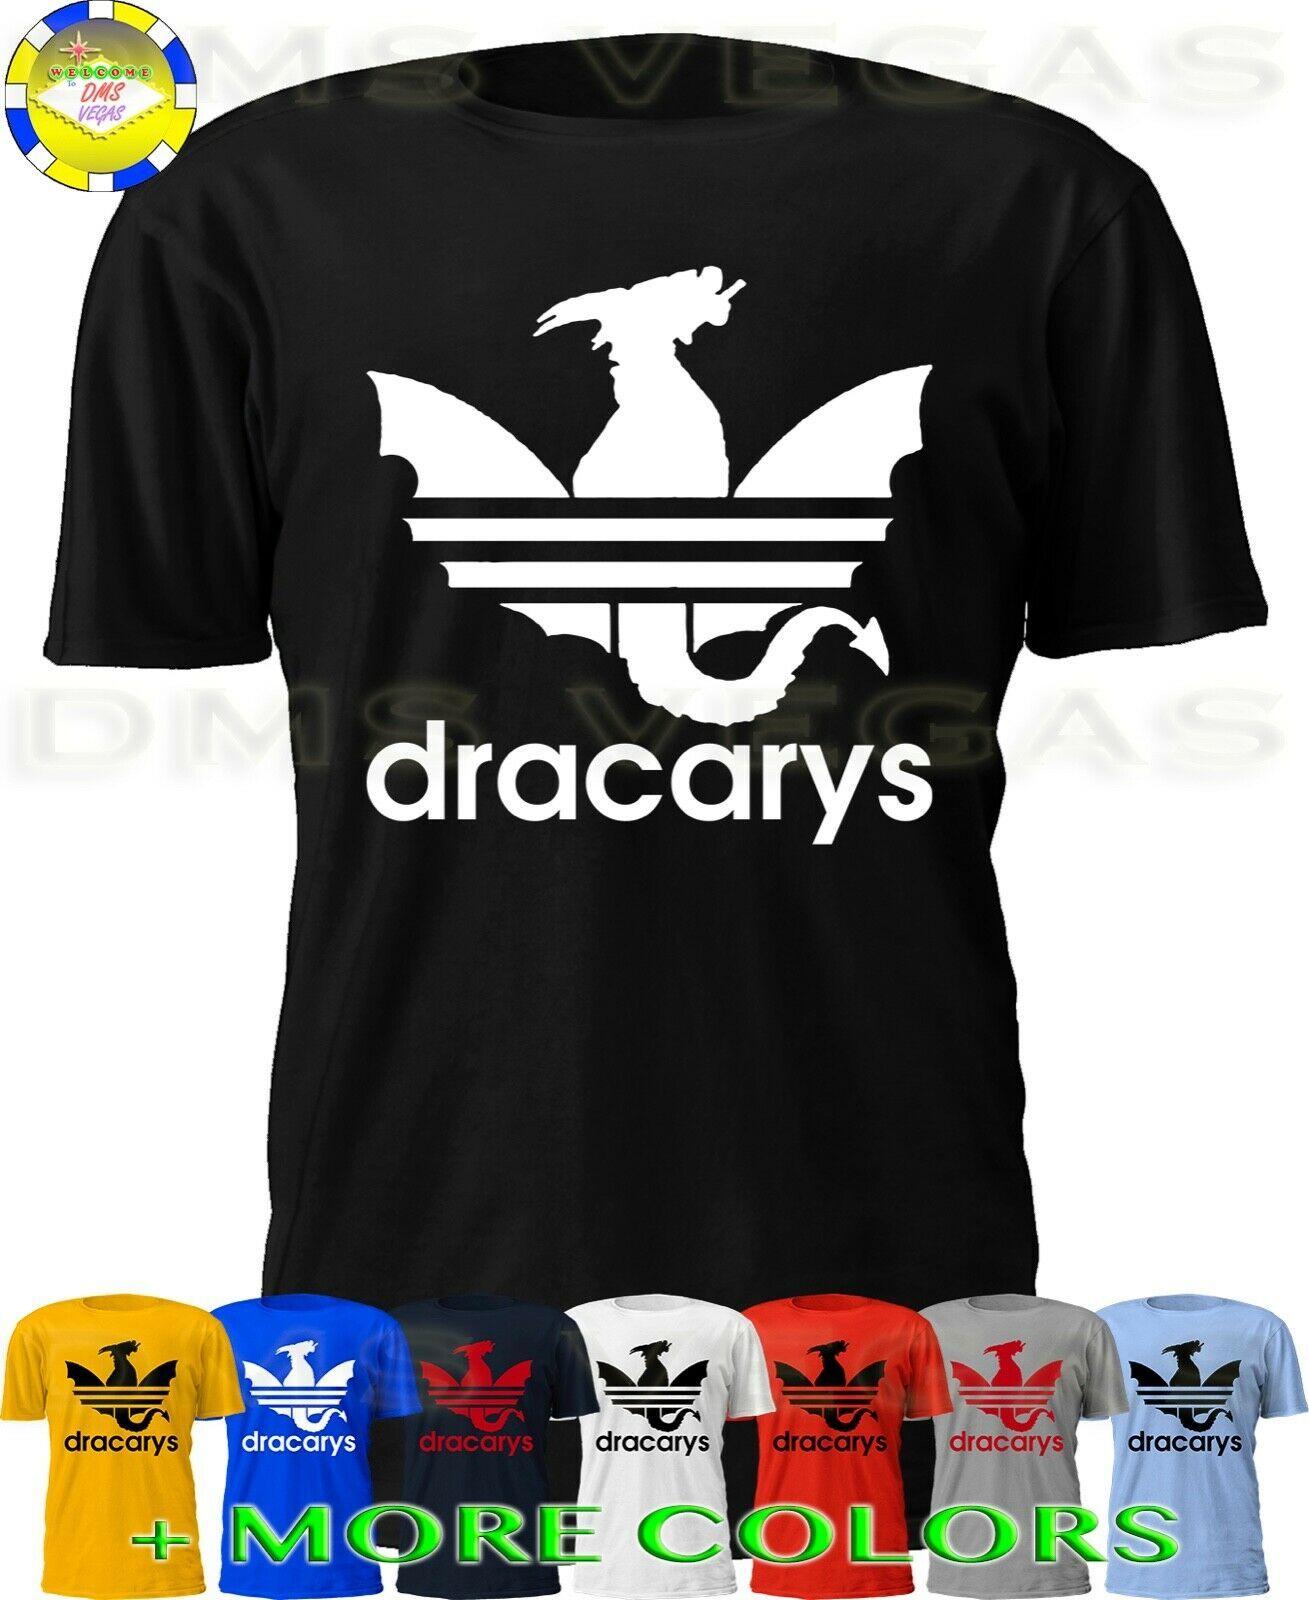 Competitivo patio Secretar  Game Of Thrones Dracarys Adidas Parody Daenerys Targaryen Dragon Shirt Men  S-5XL - Ideas of Dragon Shirt #DragonShirt | Dragons shirts, Cool tee  shirts, Shirts